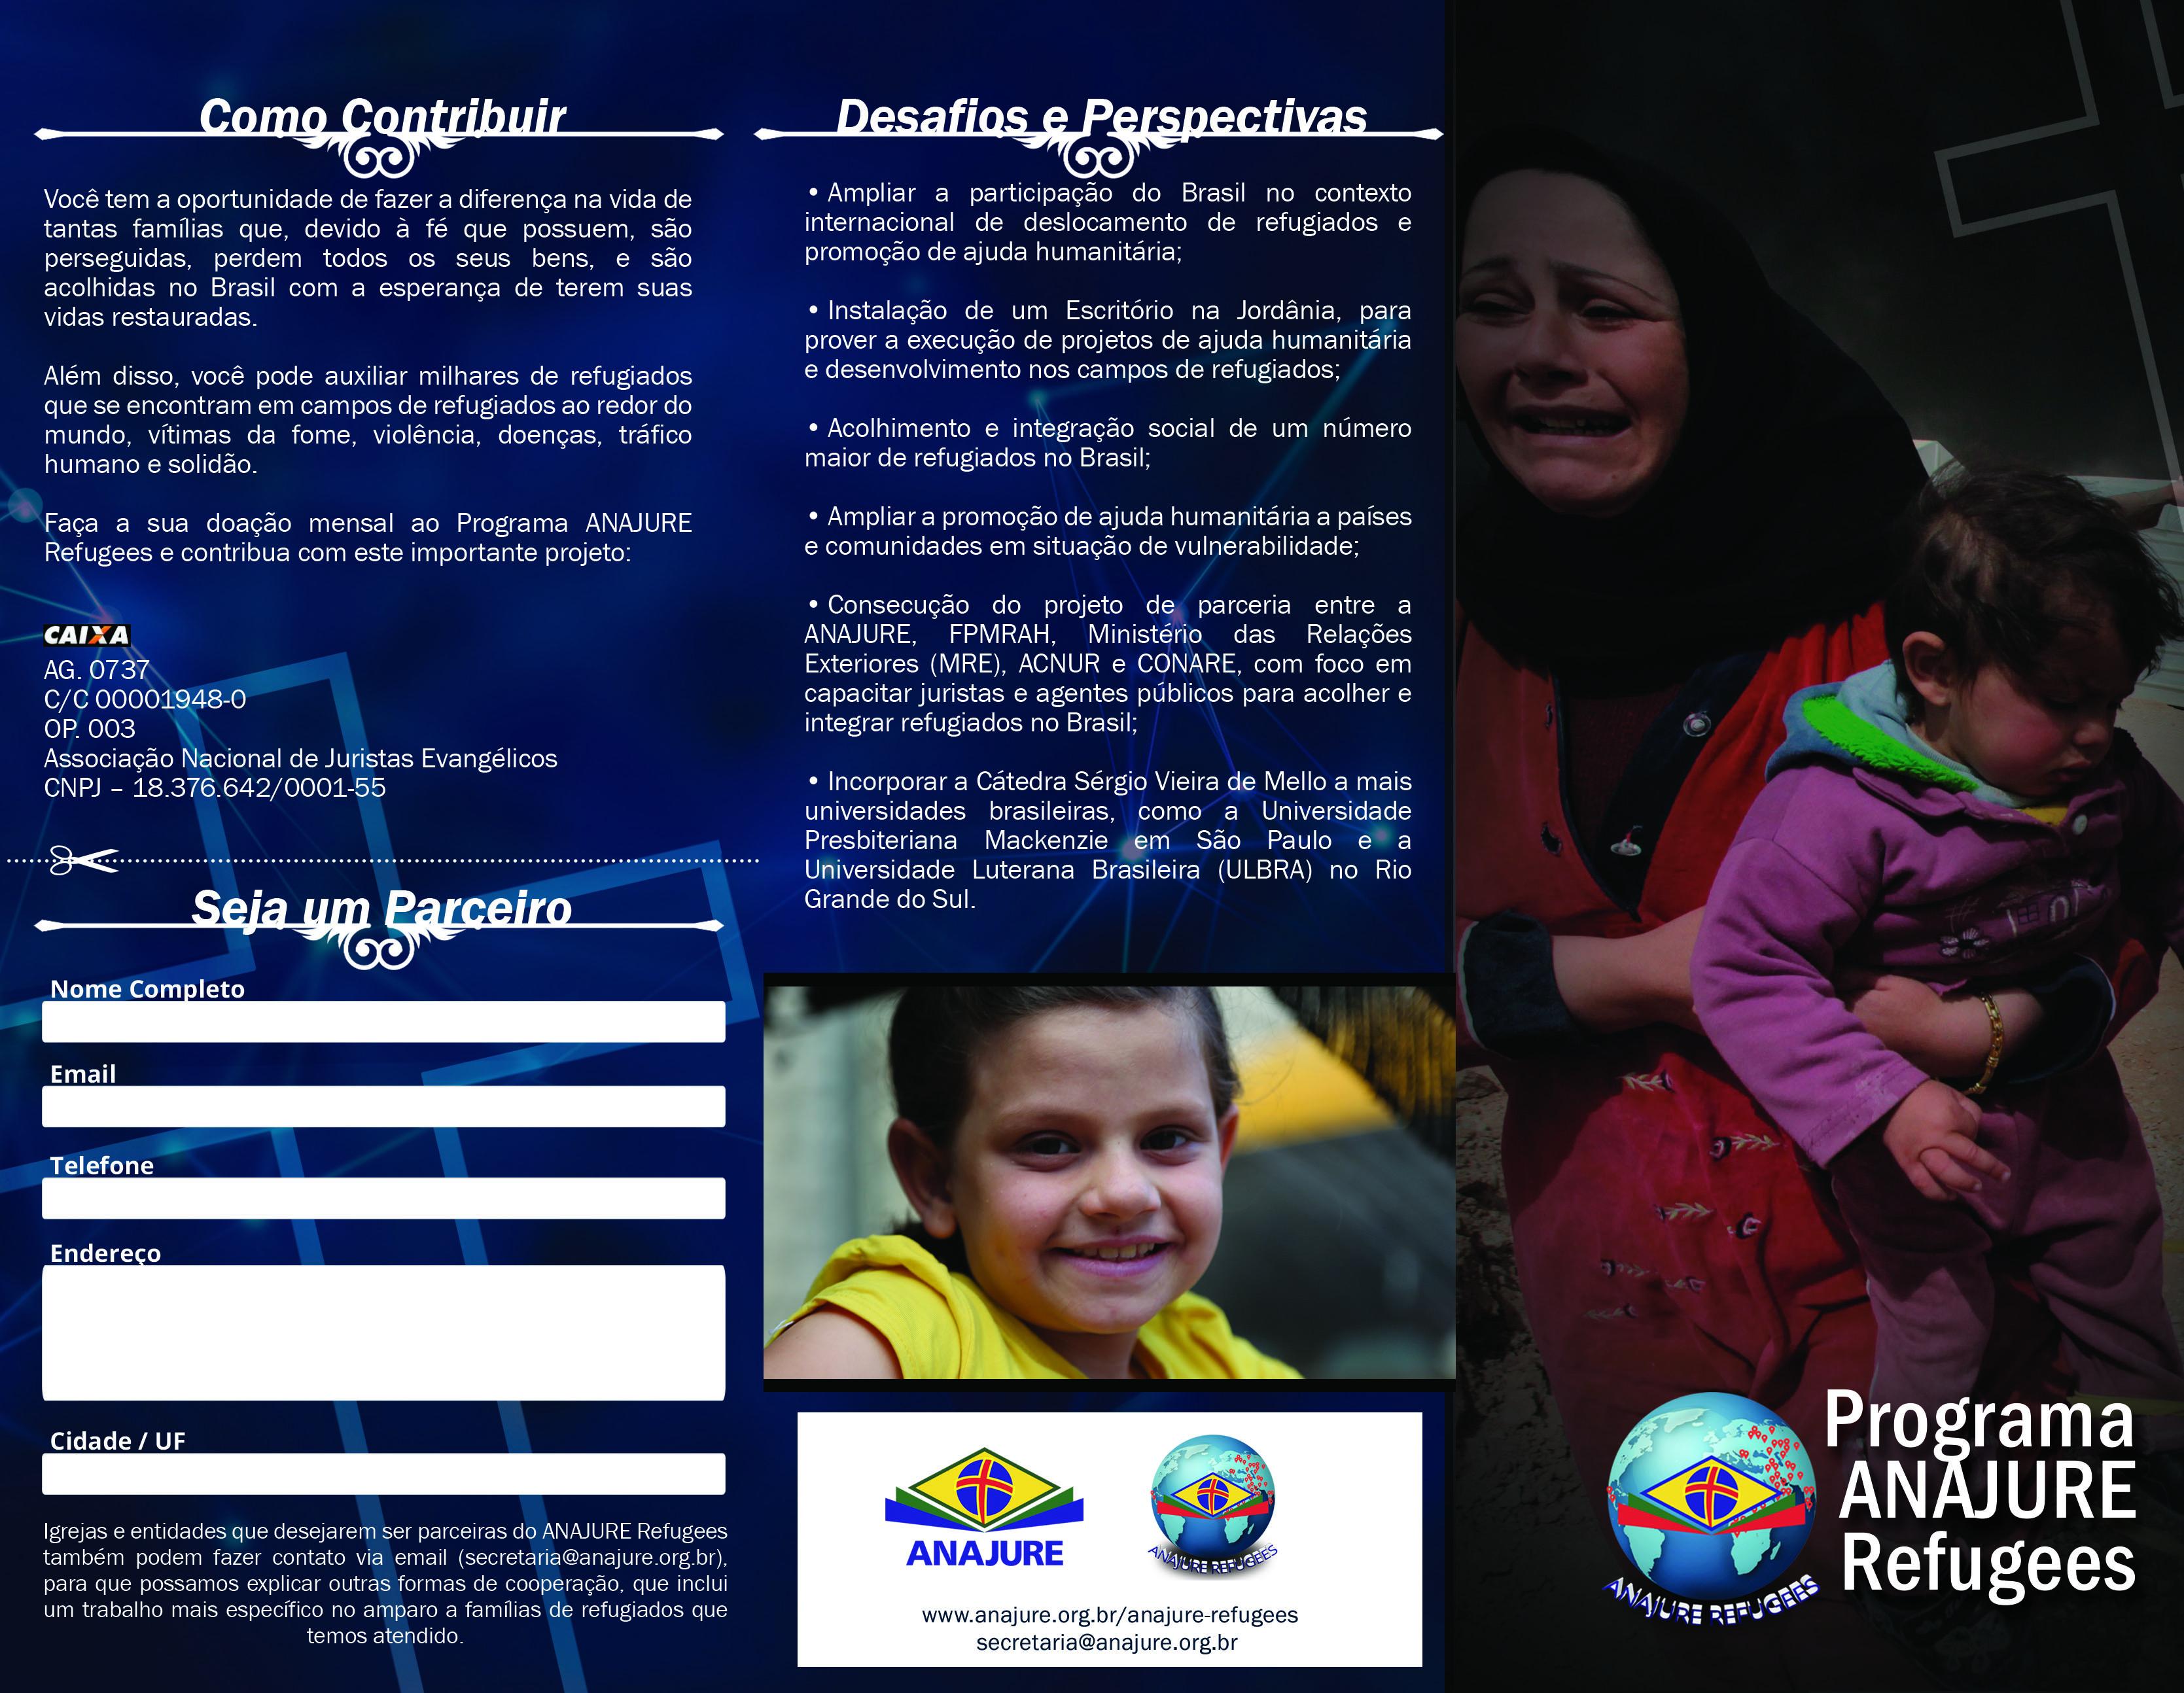 Anajure Refugees - Folder 2 - Externo